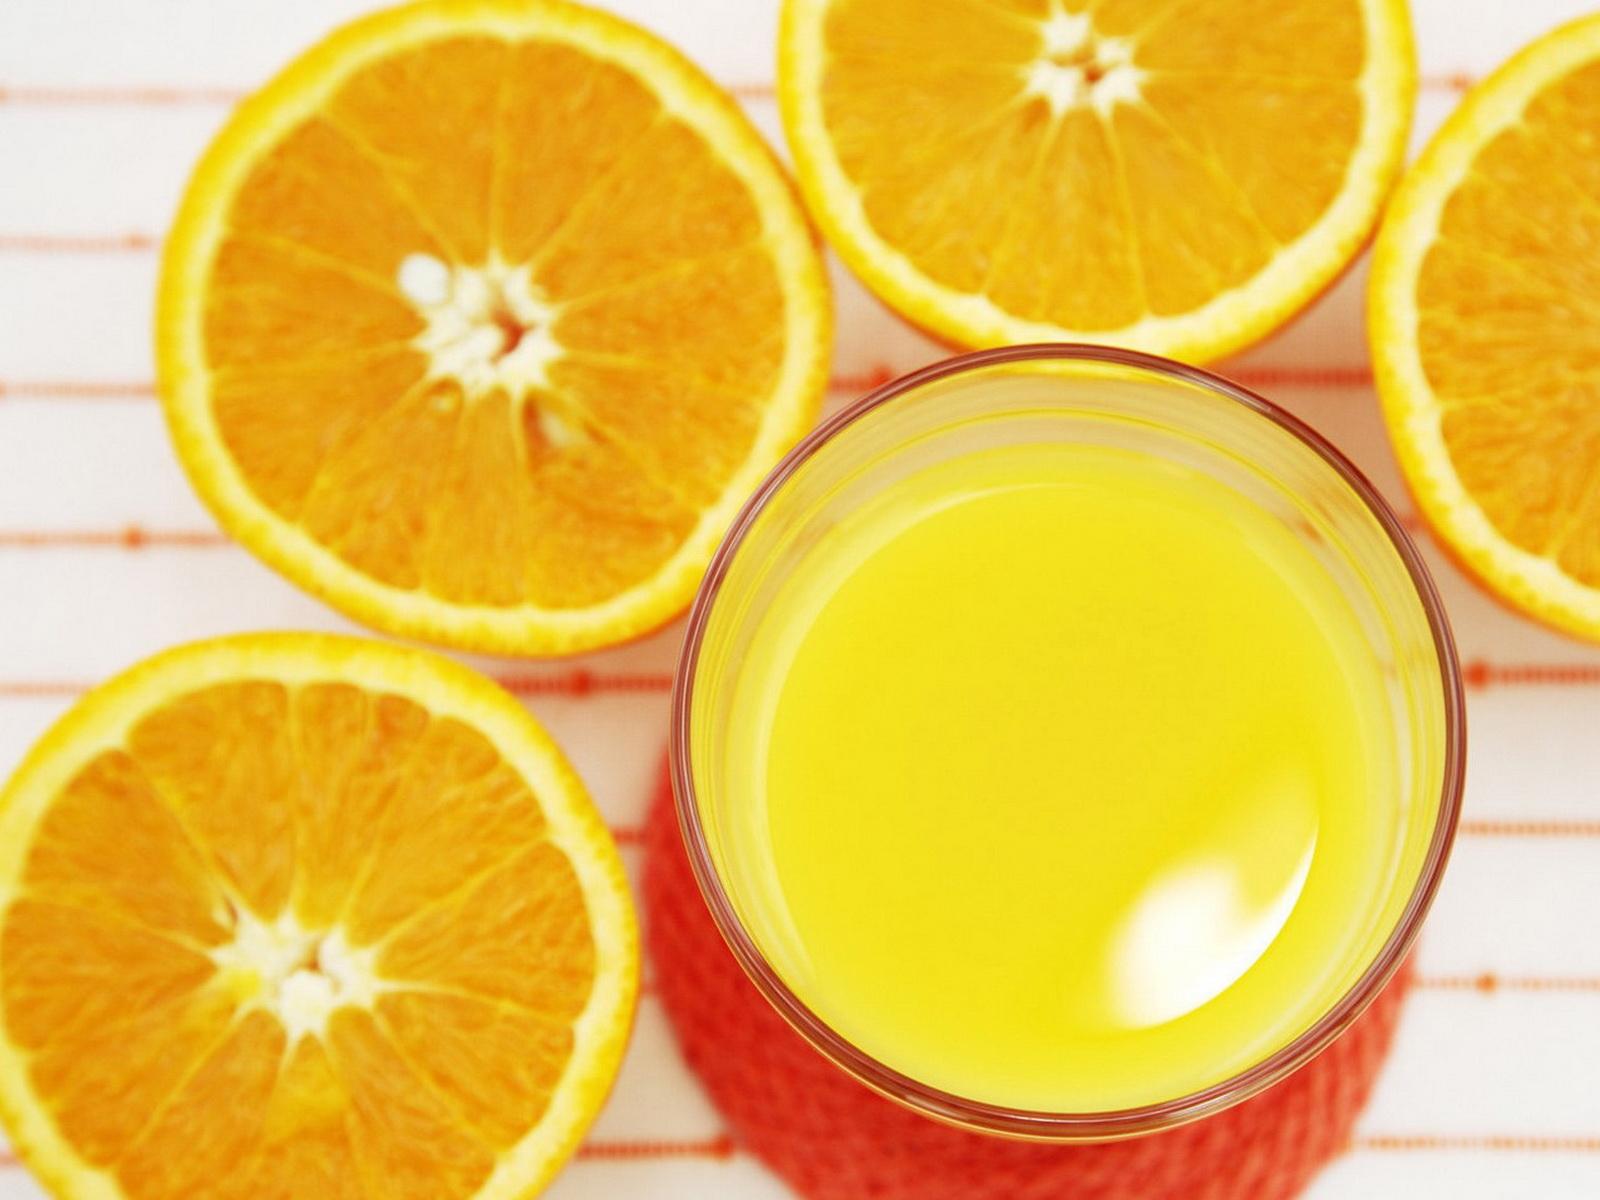 Обои для рабочего стола апельсиновый сок